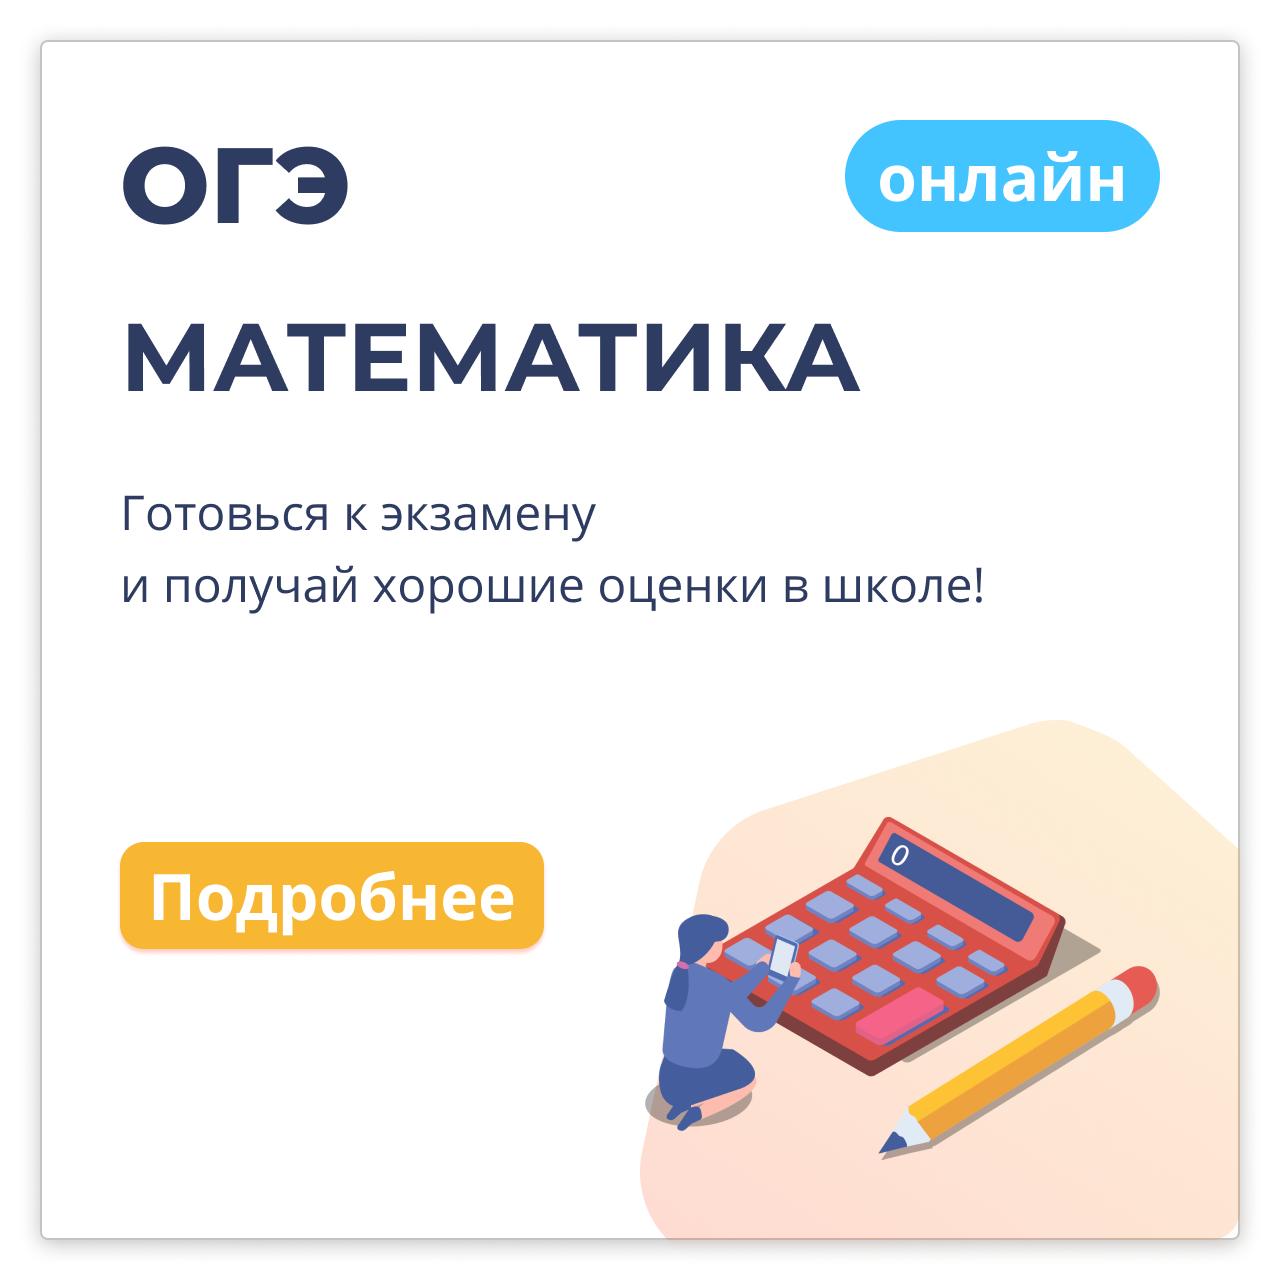 Математика ОГЭ Онлайн группа